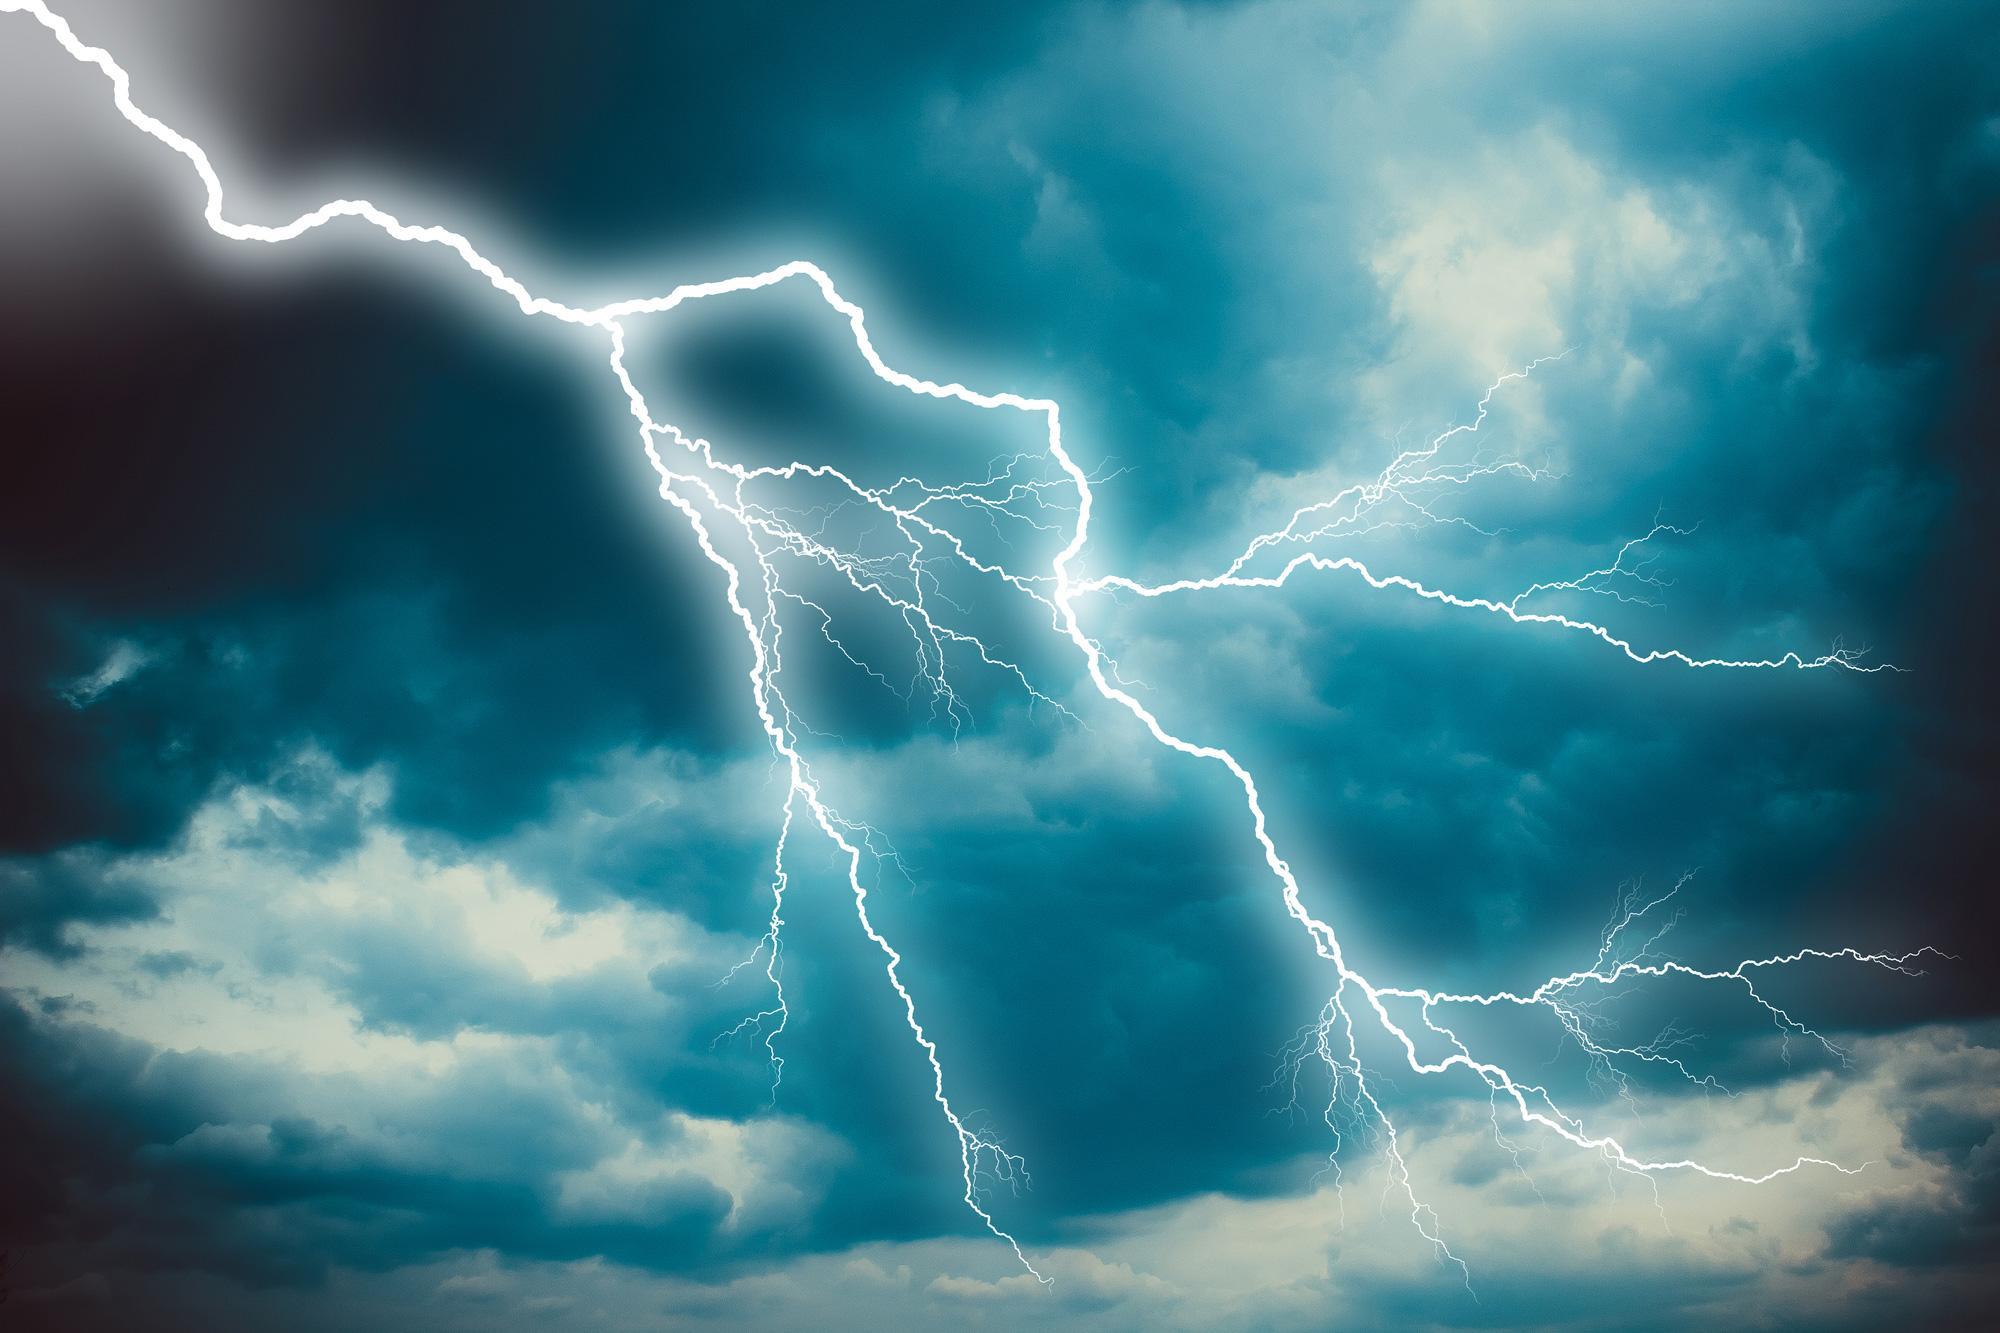 落雷の被害を軽減するには?雷被害とその対策を学ぶ